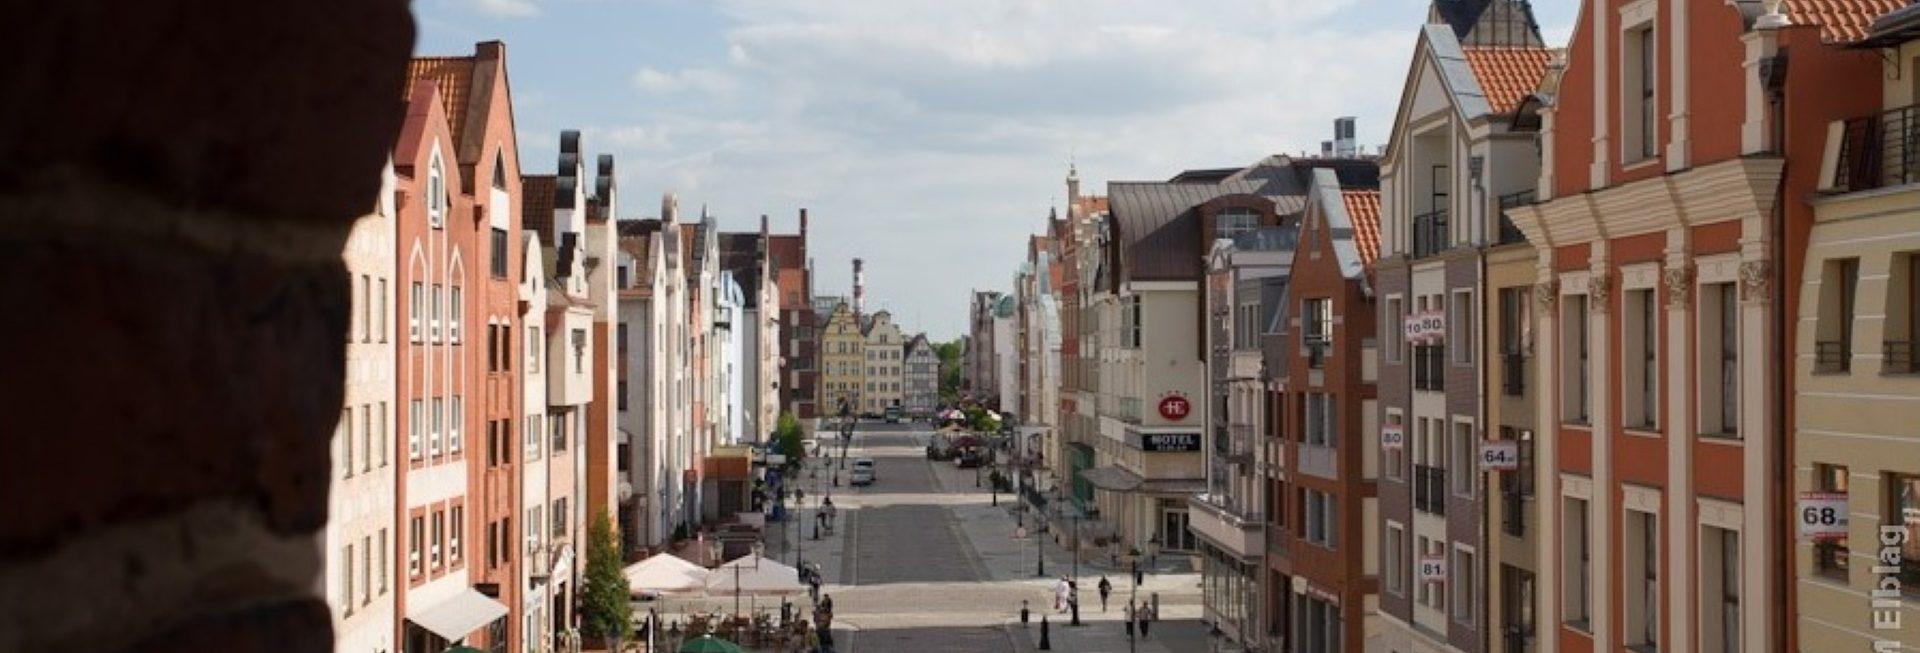 Panorama starówki Elbląga. Na zdjęciu budynki Starego Miasta - dreptak na starówce.